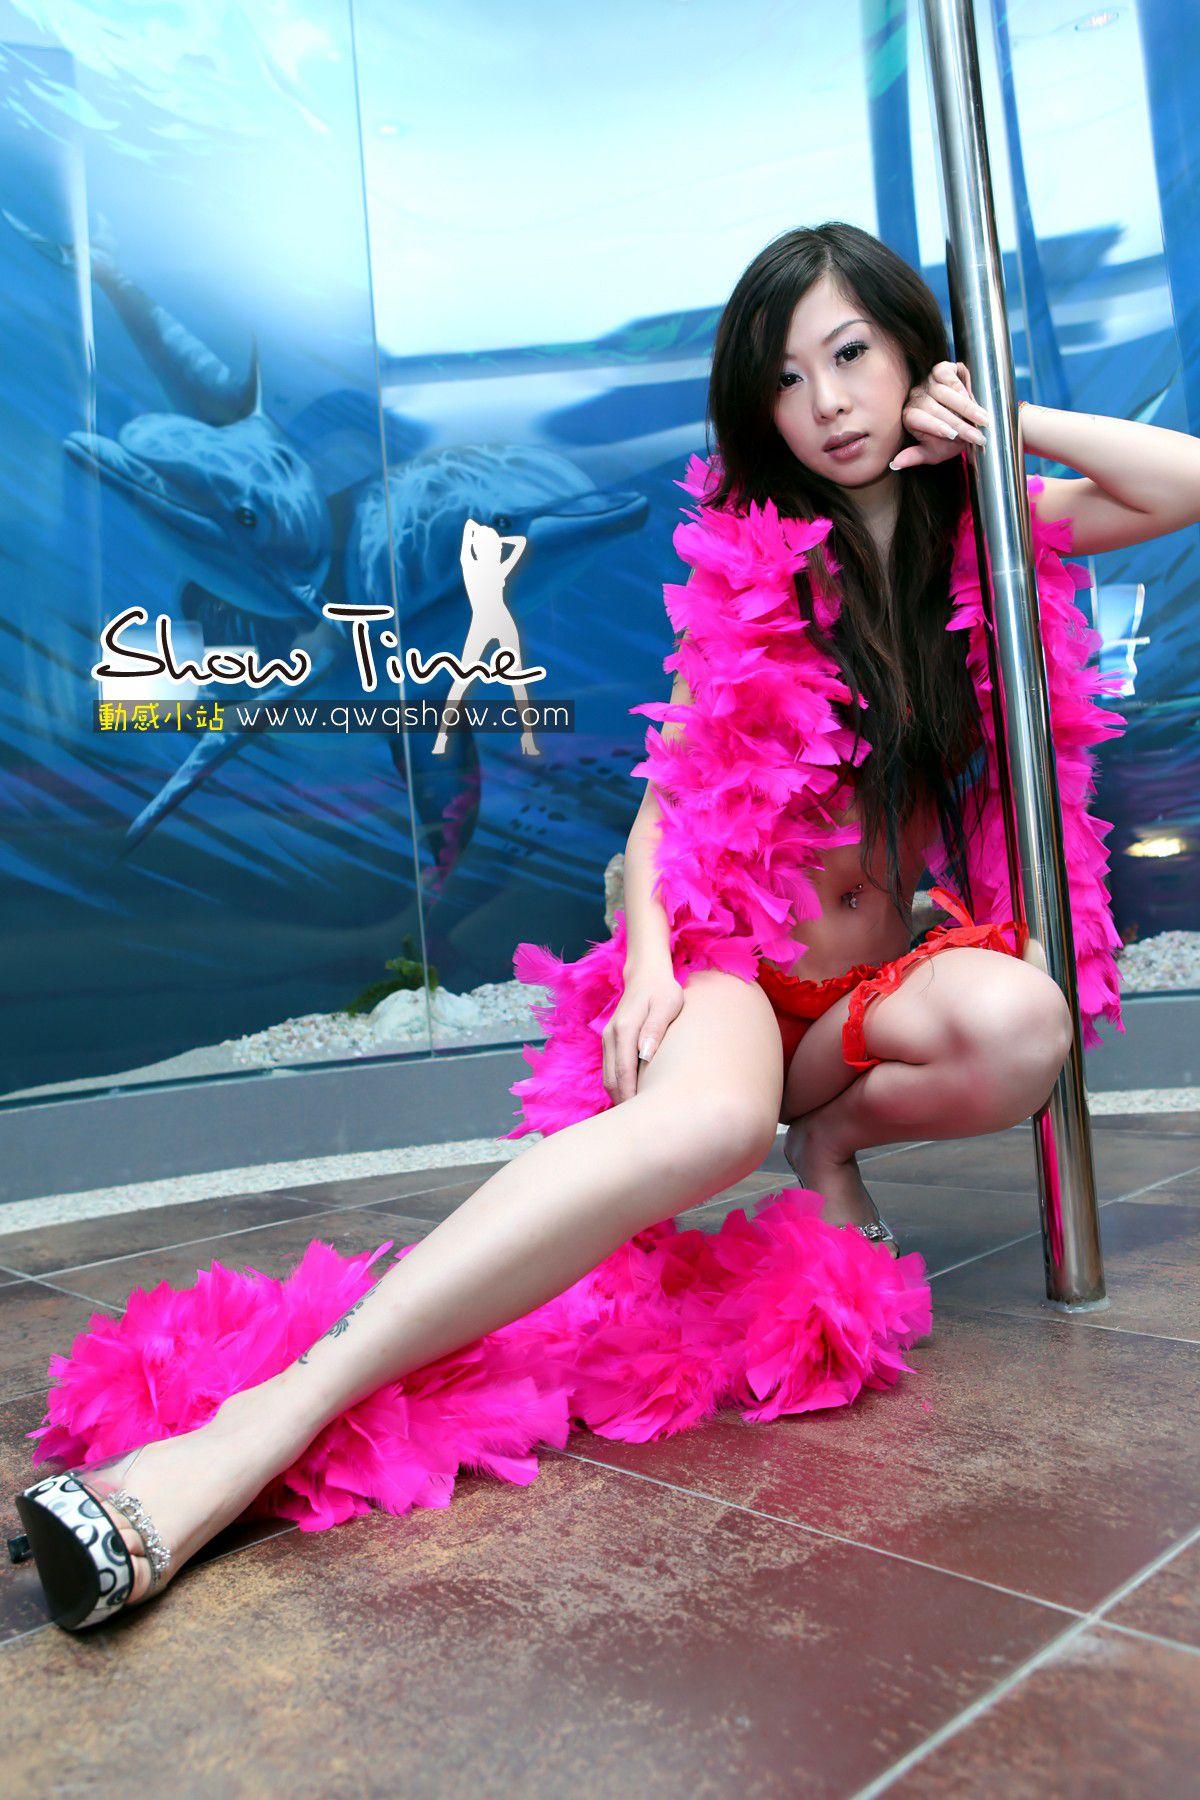 VOL.679 [动感之星]内衣美女钢管舞:蓉儿(动感小站蓉儿,动感之星蓉儿)高品质写真套图(44P)